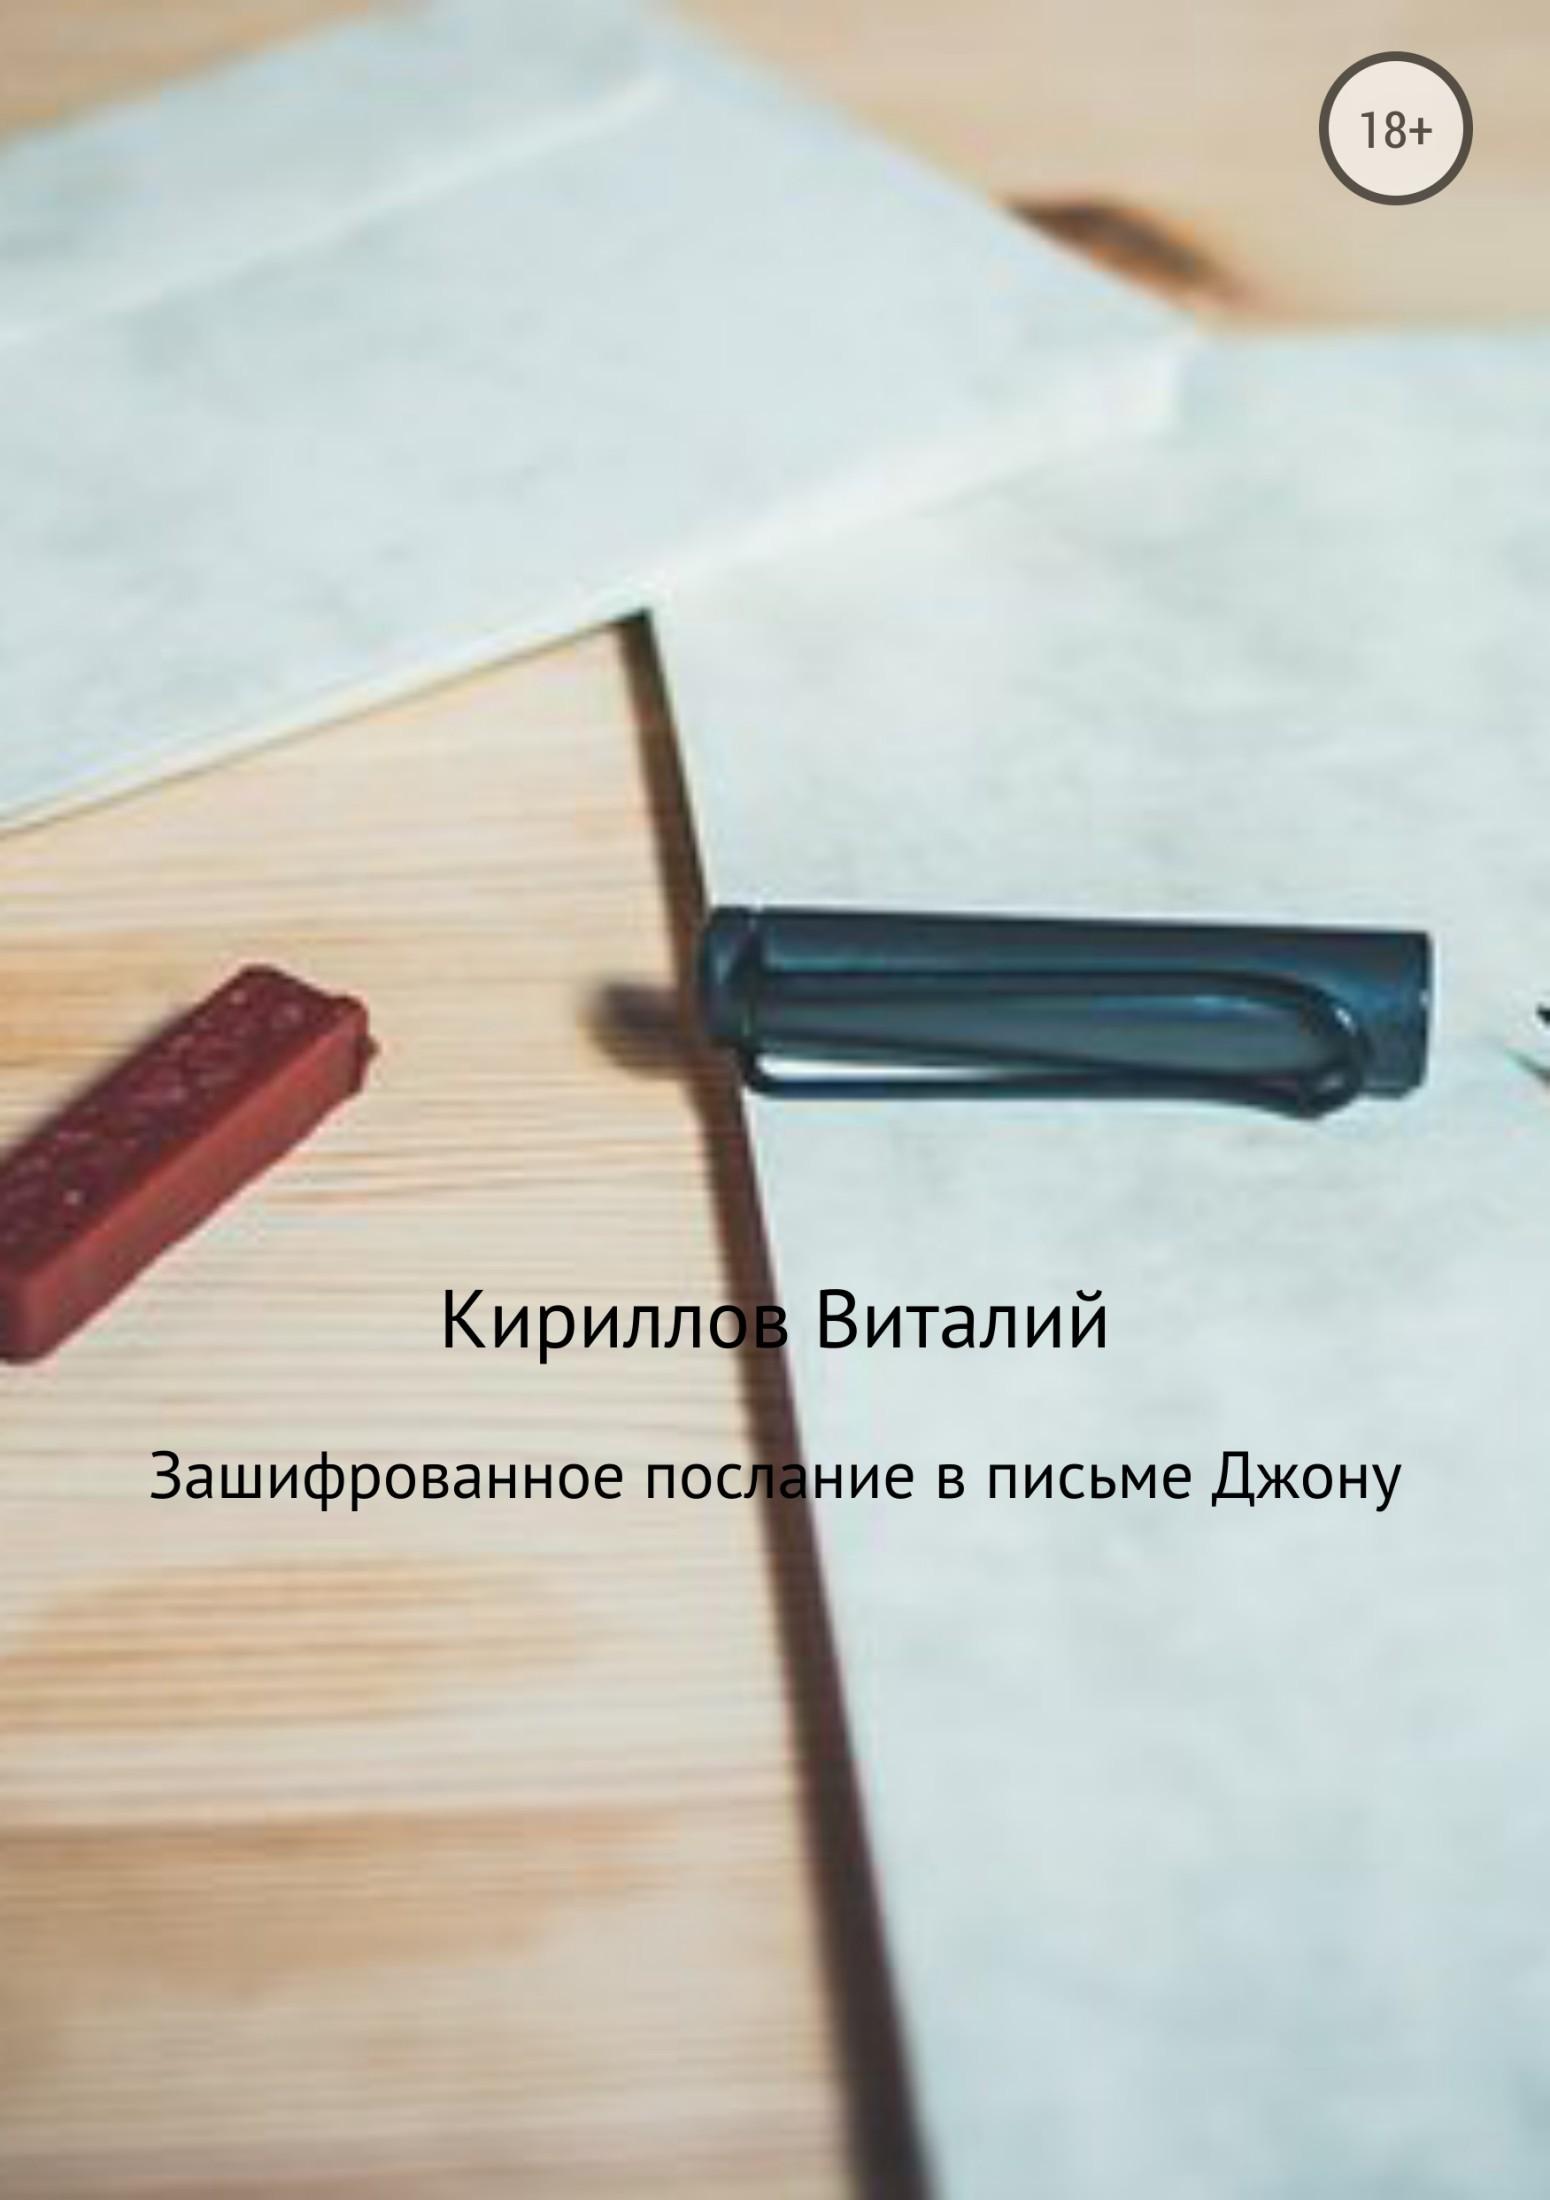 Виталий Кириллов - Зашифрованное послание в письме Джону